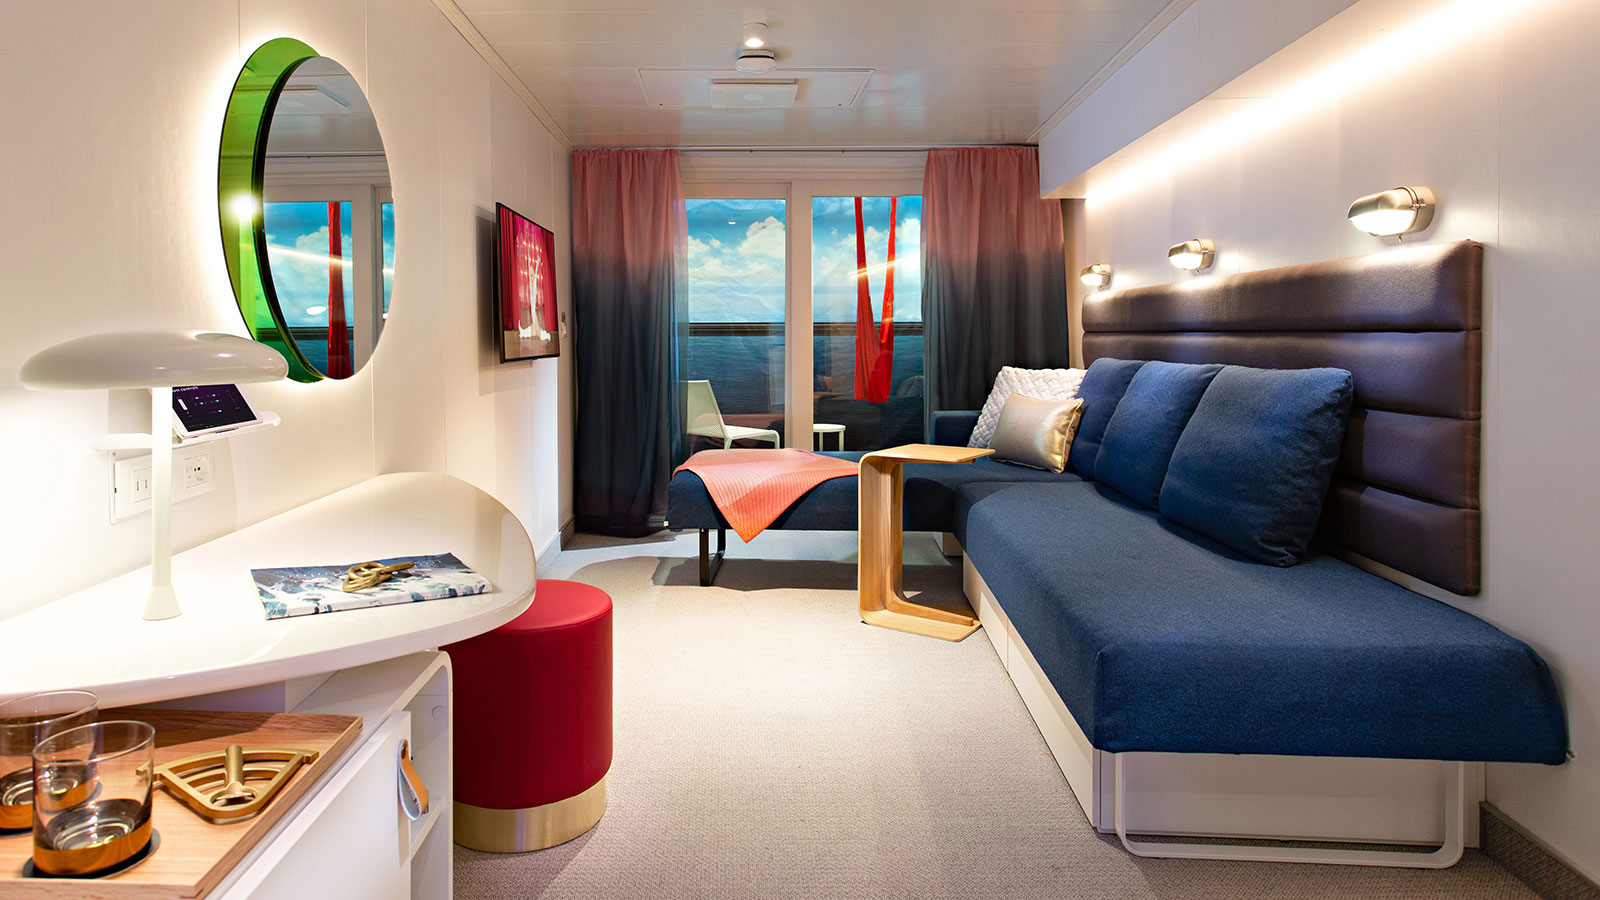 IMG-CAB-dania-sea-terrace-cabin-interior-wide-day-v1-01-1313-izzytv-1600x900.jpg